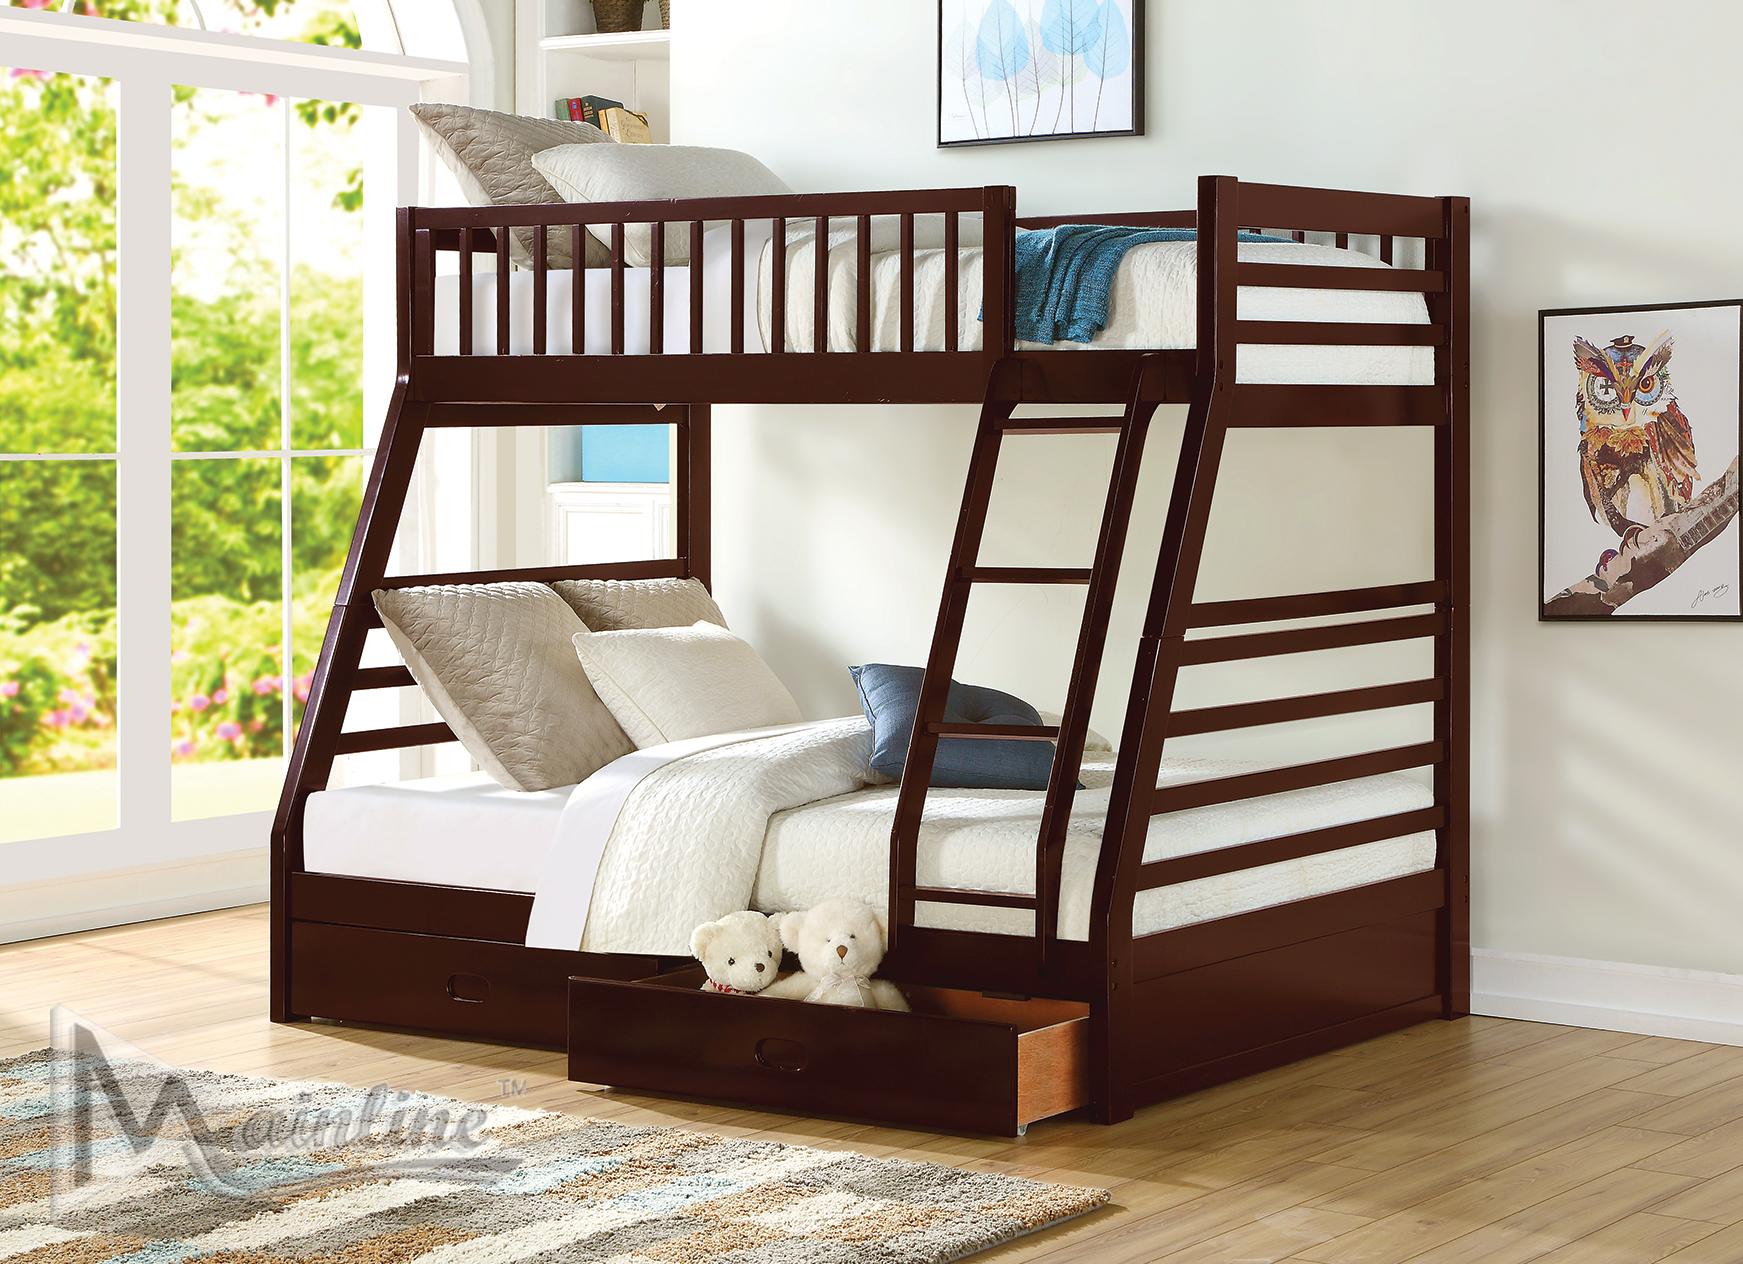 Woodstock Espresso Full Size Bed 98060 Mainline Inc Kids Bedroom Furniture Comfyco Furniture